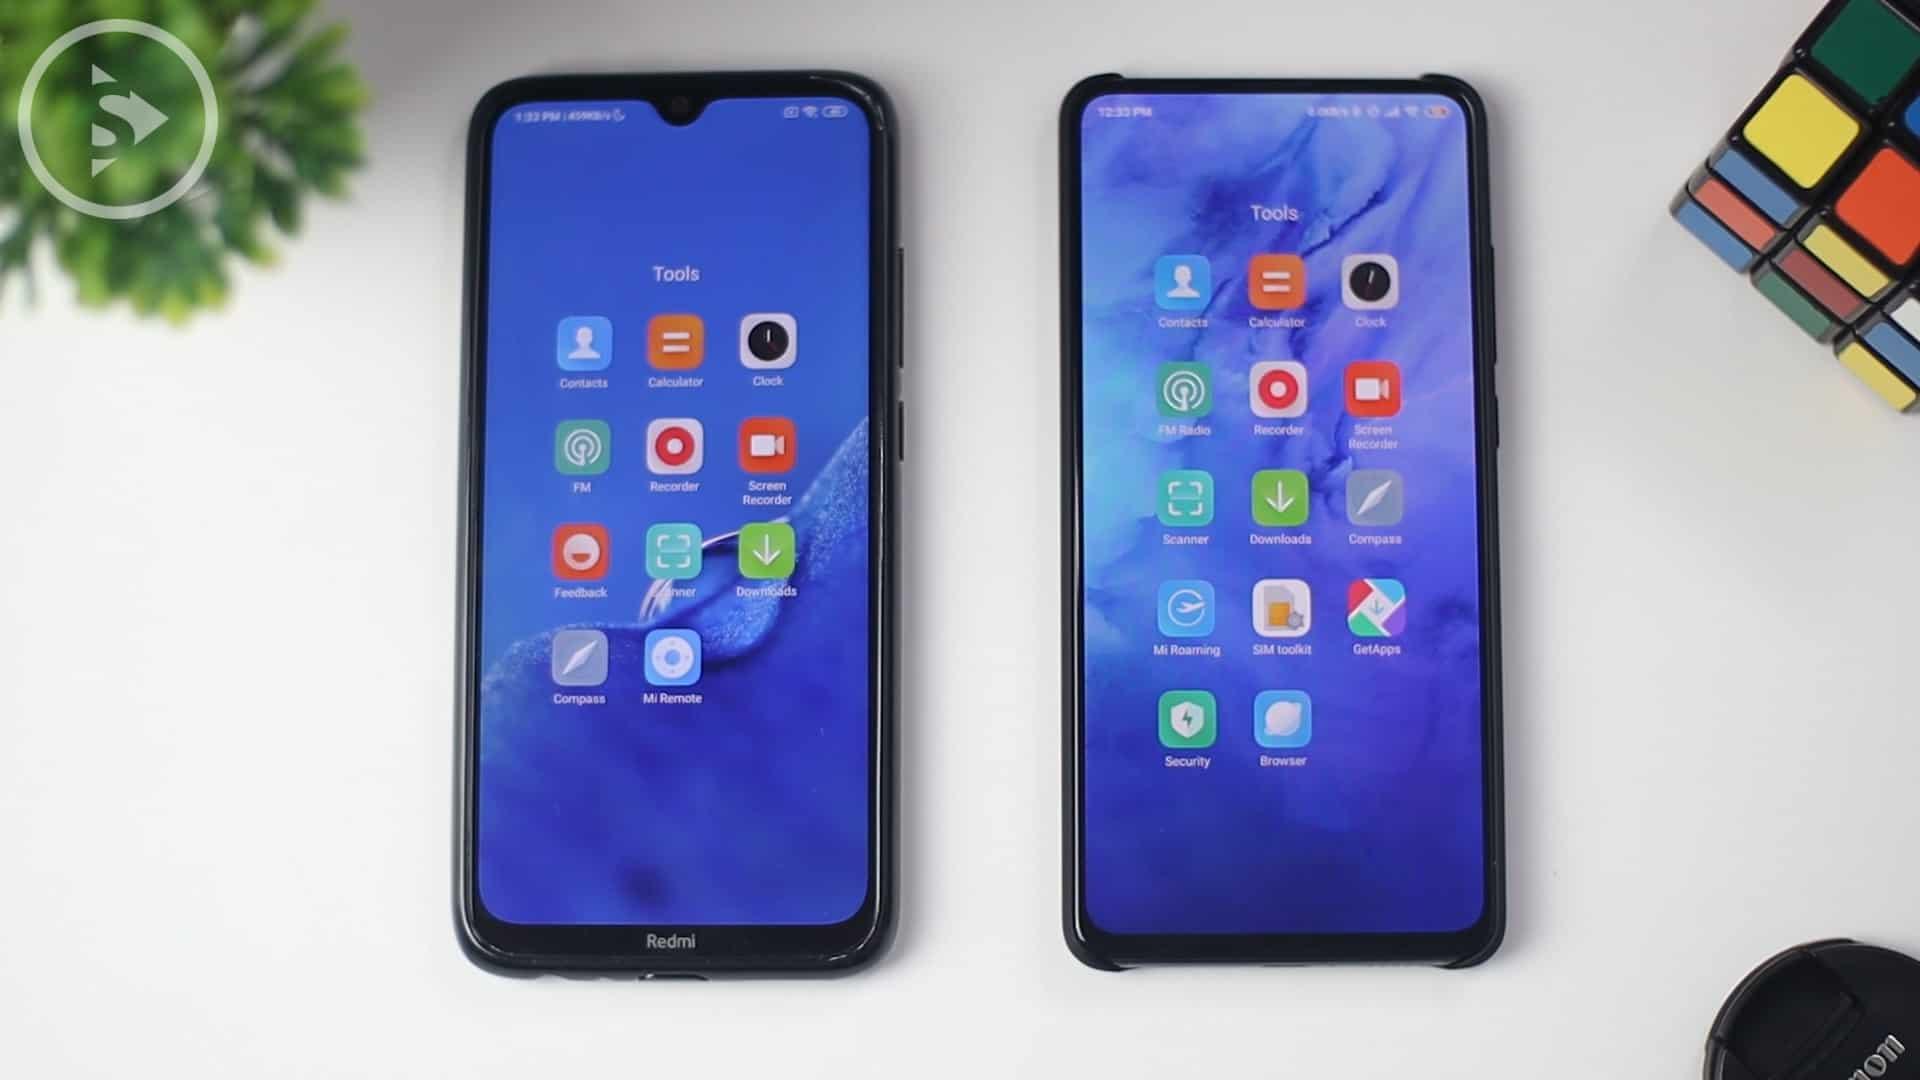 Perubahan Desain Icon Baru & Update System Design - Update Fitur Baru di MIUI 11 - Xiaomi Redmi Note 8 MIUI 10 Vs Xiaomi Mi 9T (Redmi K20) MIUI 11